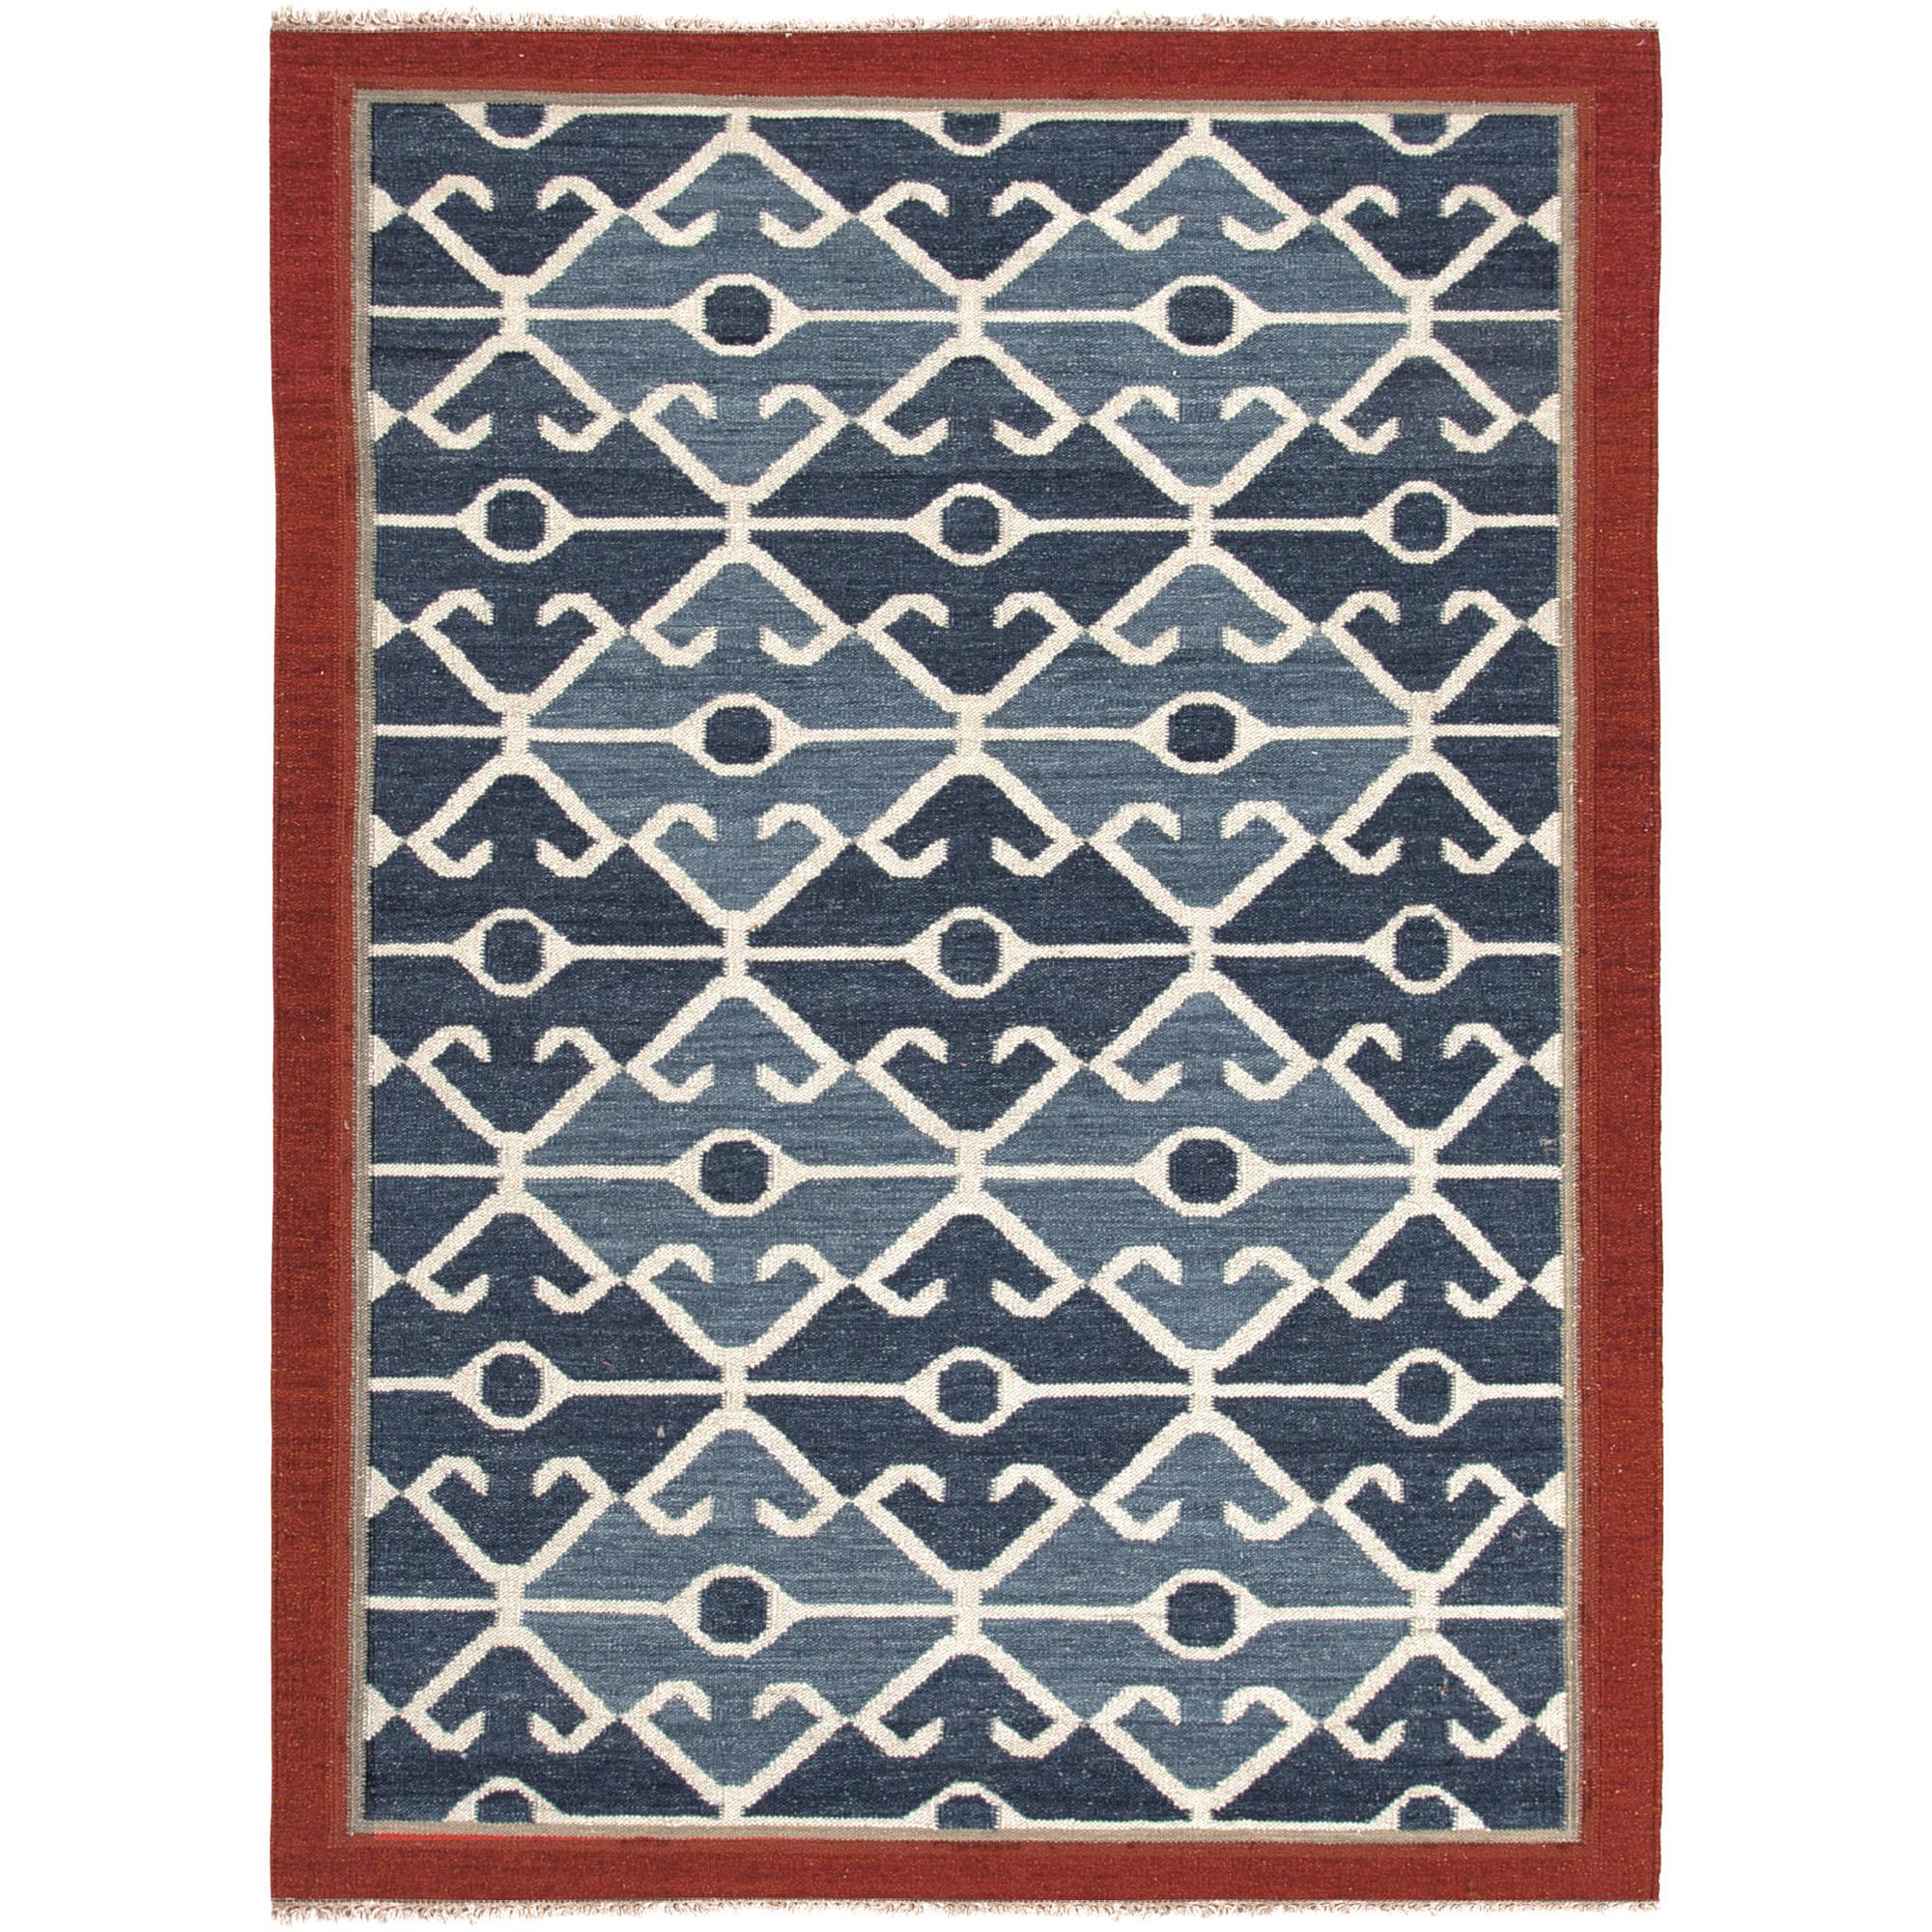 JAIPUR Rugs Anatolia 4 x 6 Rug - Item Number: RUG100181